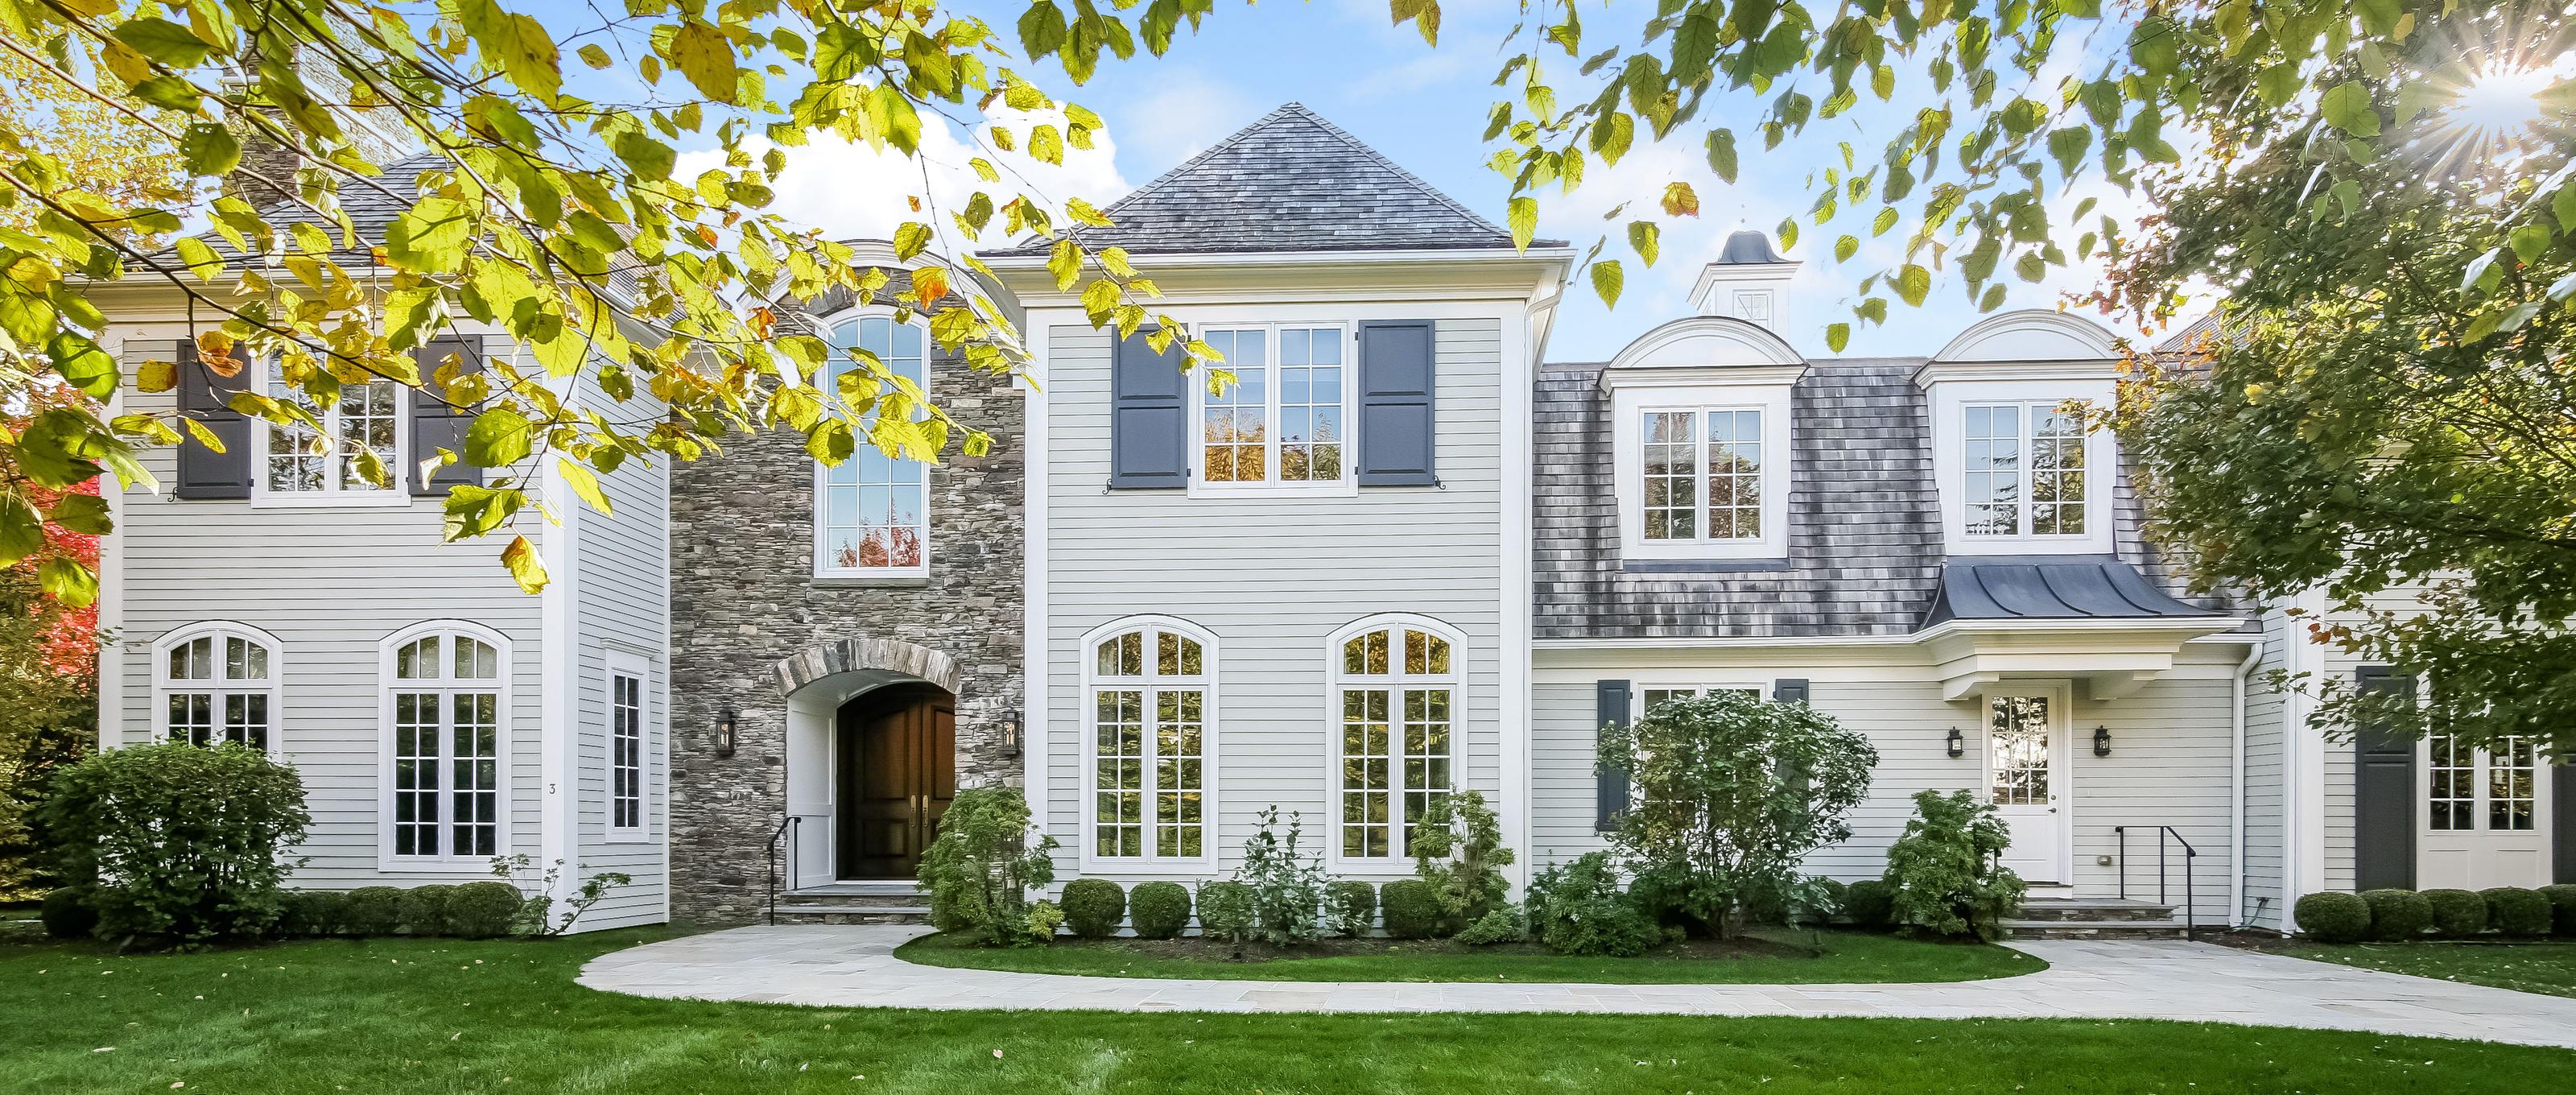 一戸建て のために 売買 アット 3 Fairway Drive Purchase, ニューヨーク, 10577 アメリカ合衆国